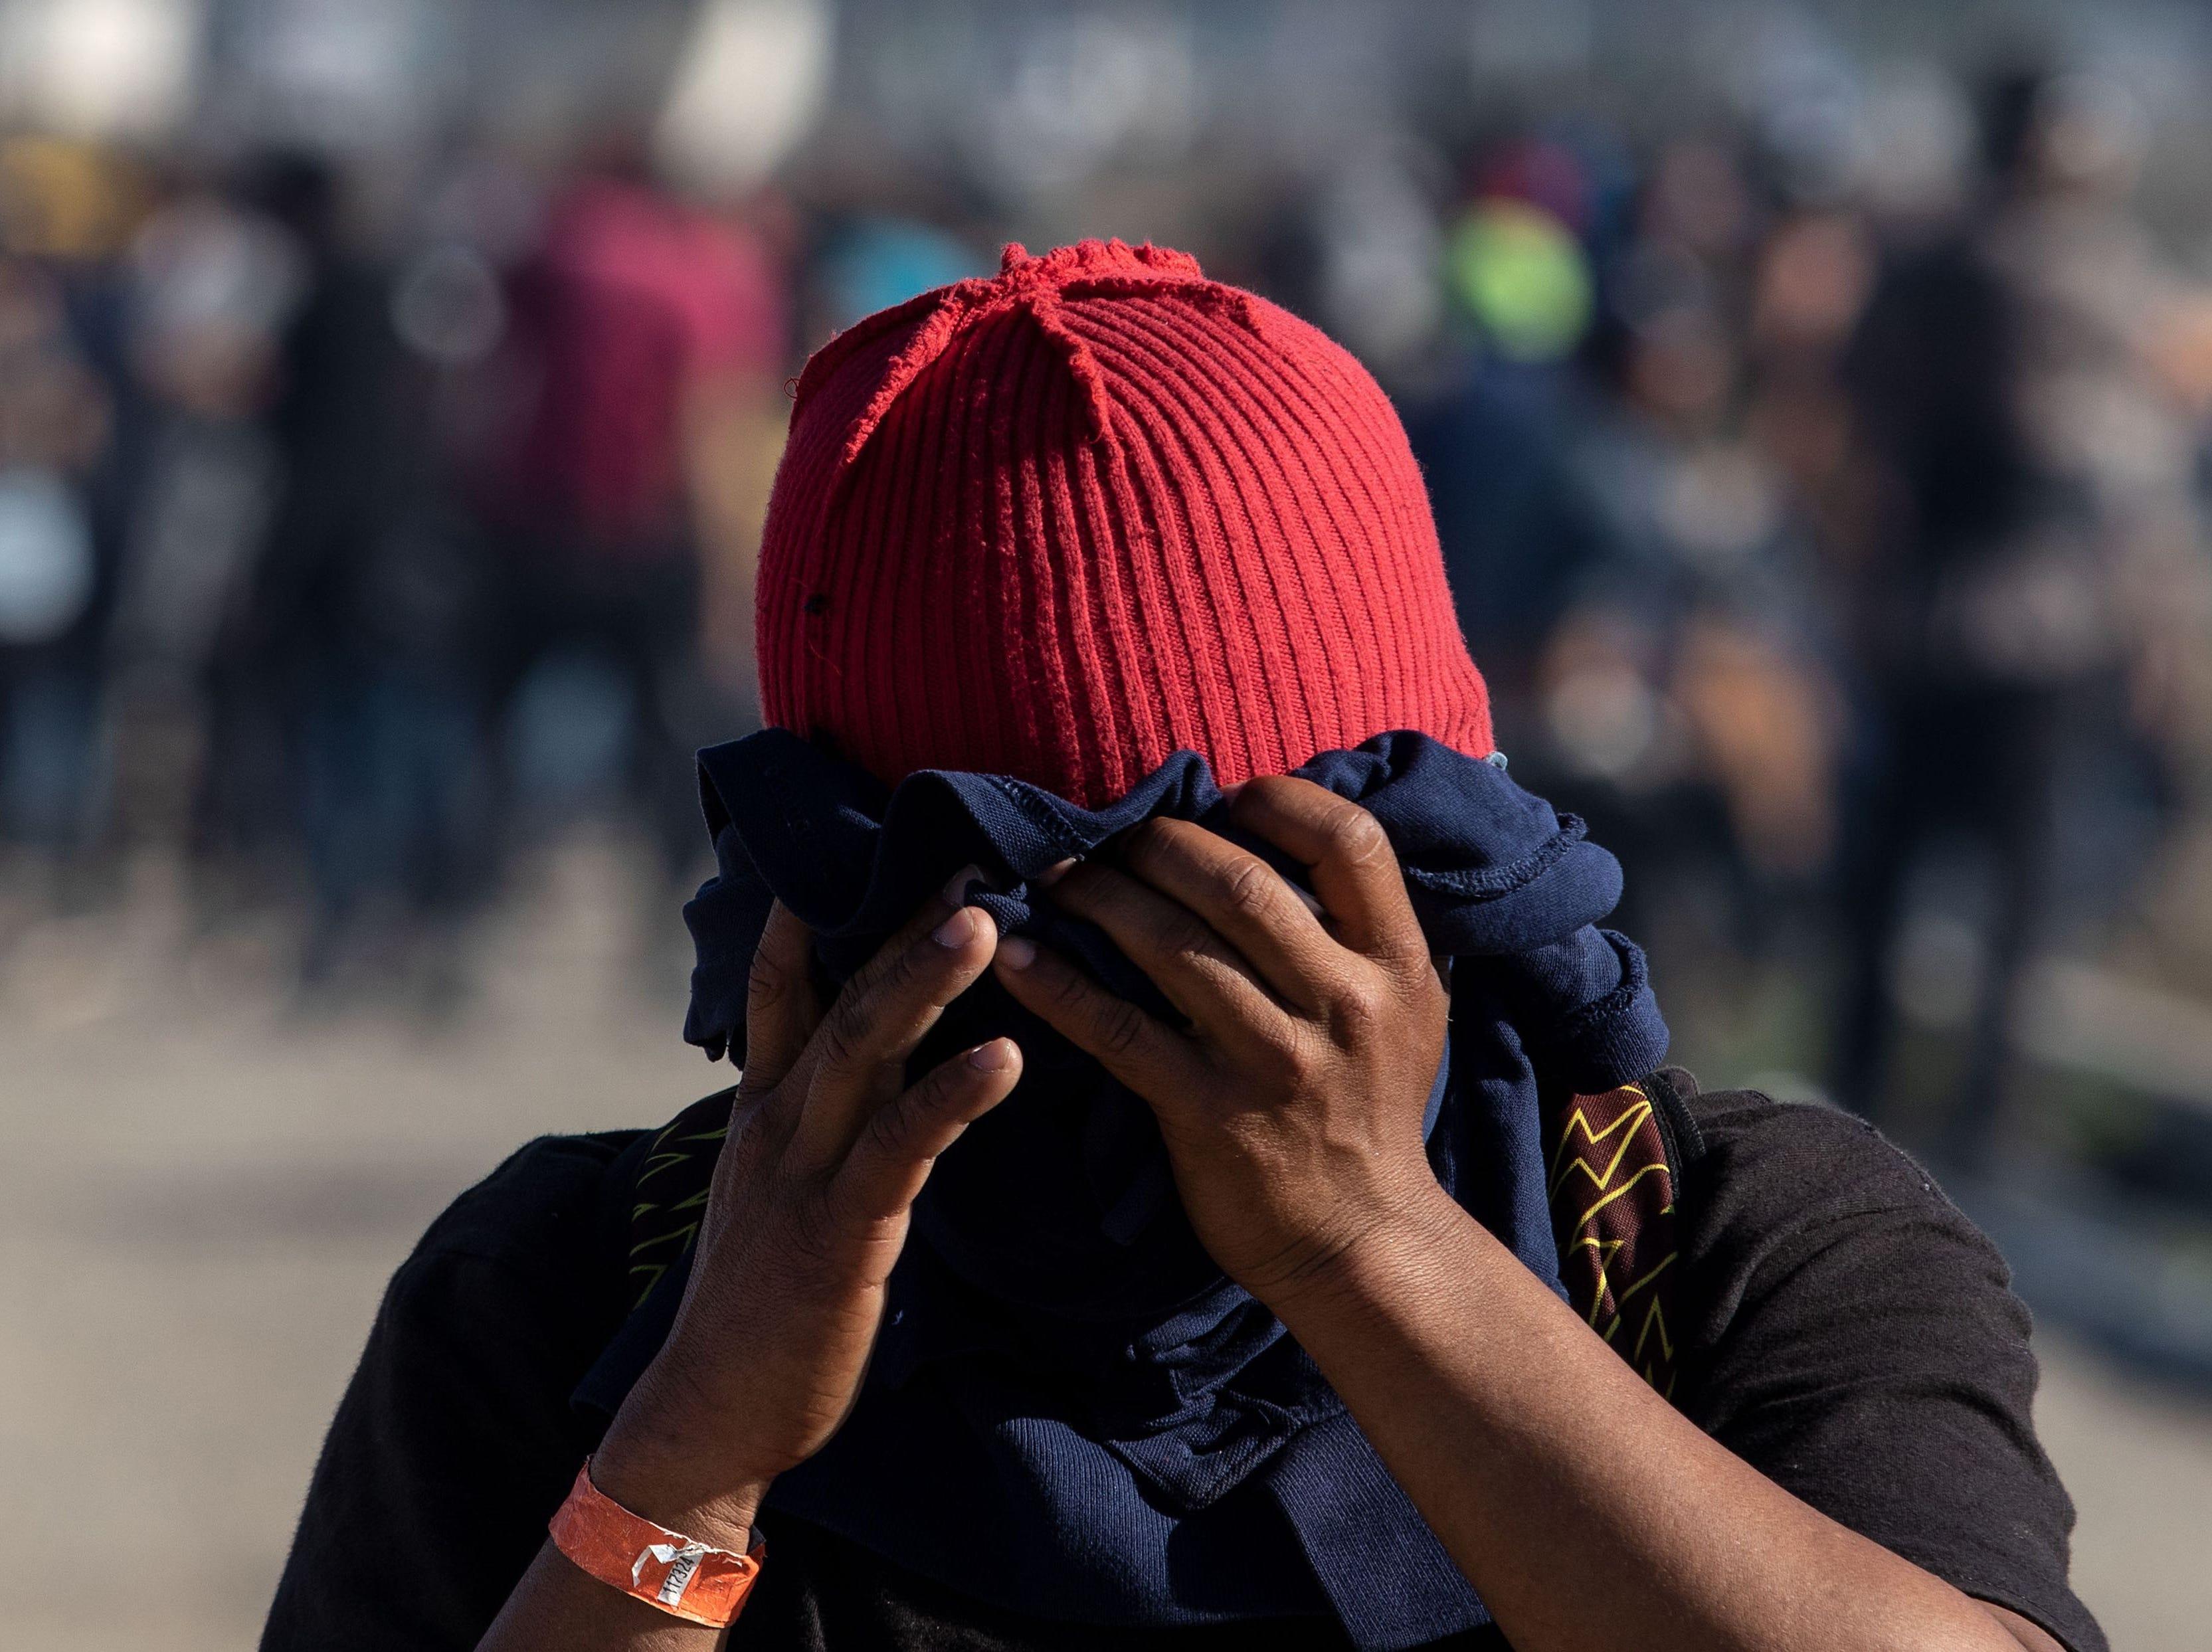 239/5000 Un migrante centroamericano se cubre la cara cerca del cruce fronterizo de El Chaparral en Tijuana, estado de Baja California, México, luego de que la Patrulla Fronteriza de EE.UU. lanzara gases lacrimógenos para dispersar a una multitud después de una supuesta disputa verbal, el 25 de noviembre de 2018.